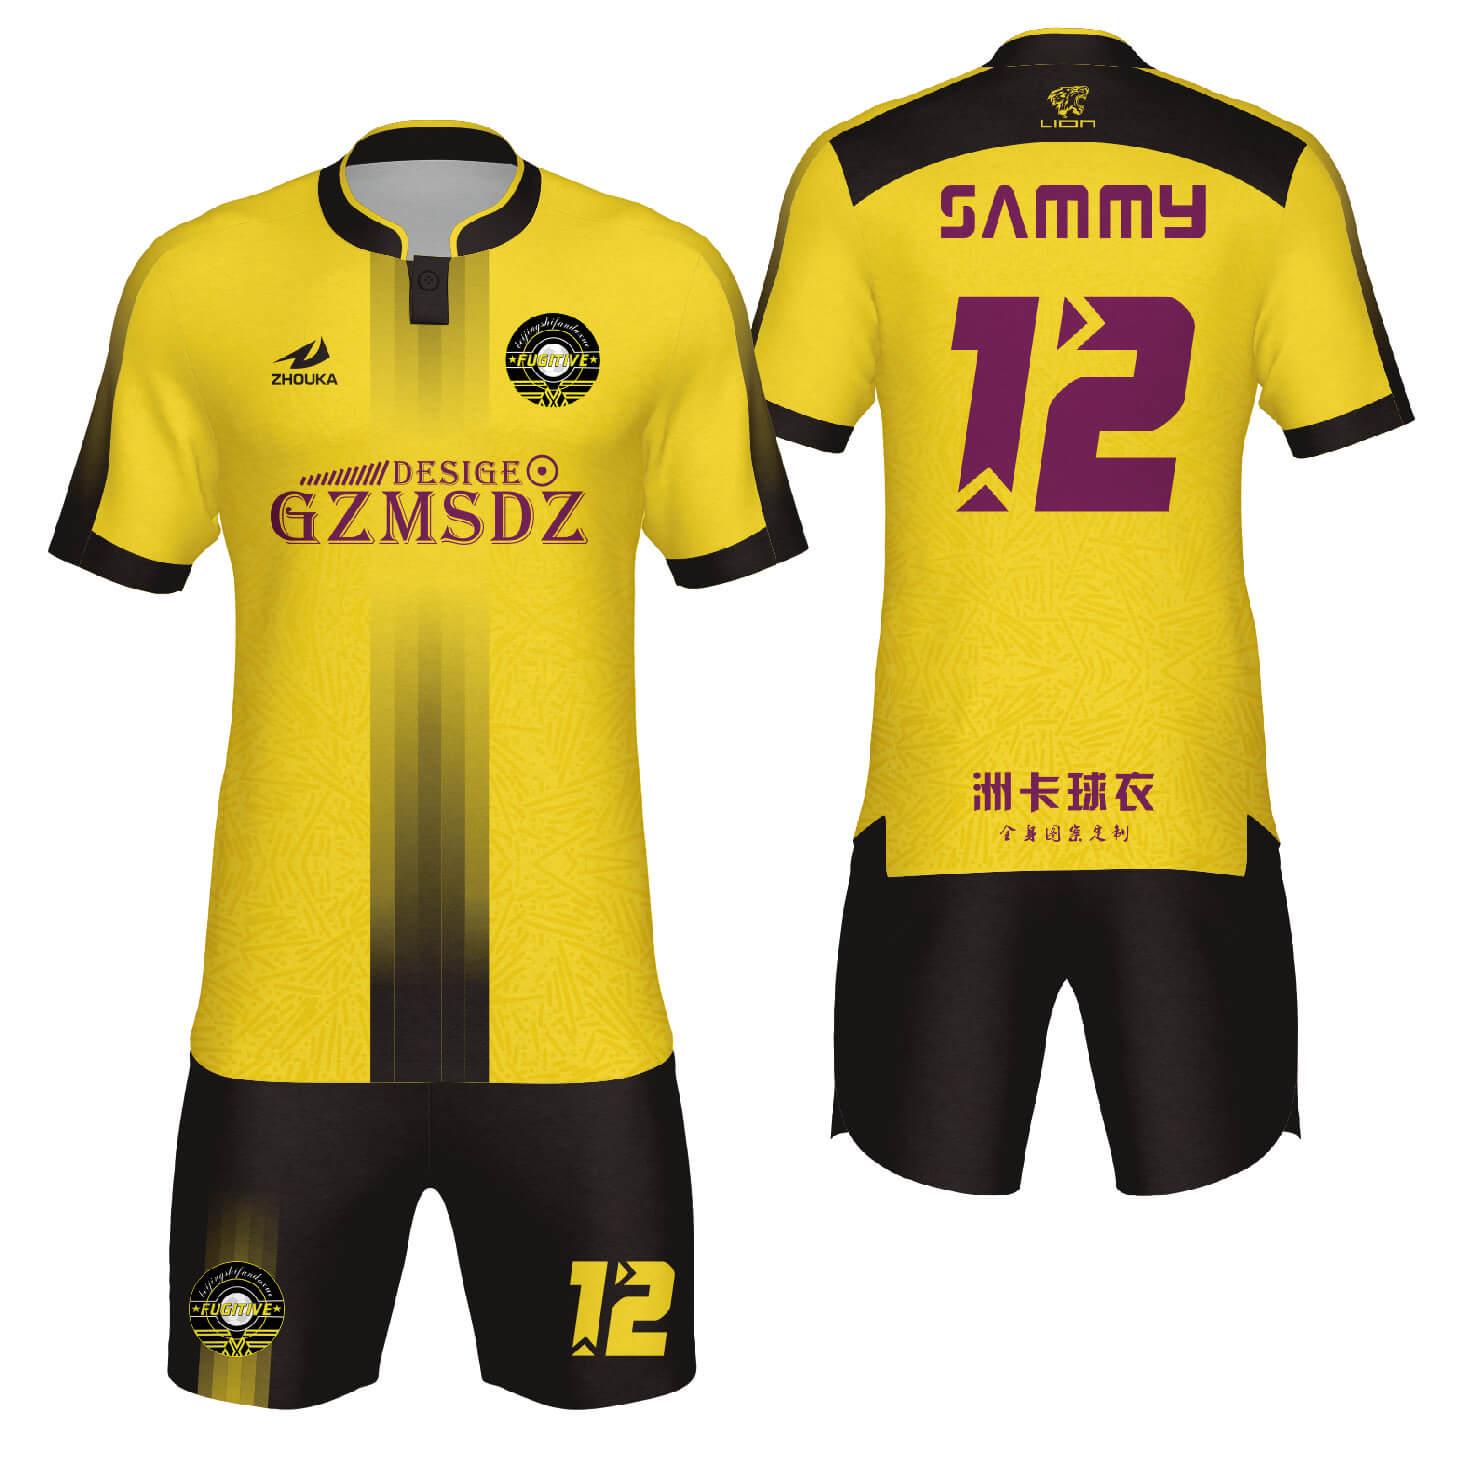 足球服热升华技术比赛服俱乐部团队定制足球服